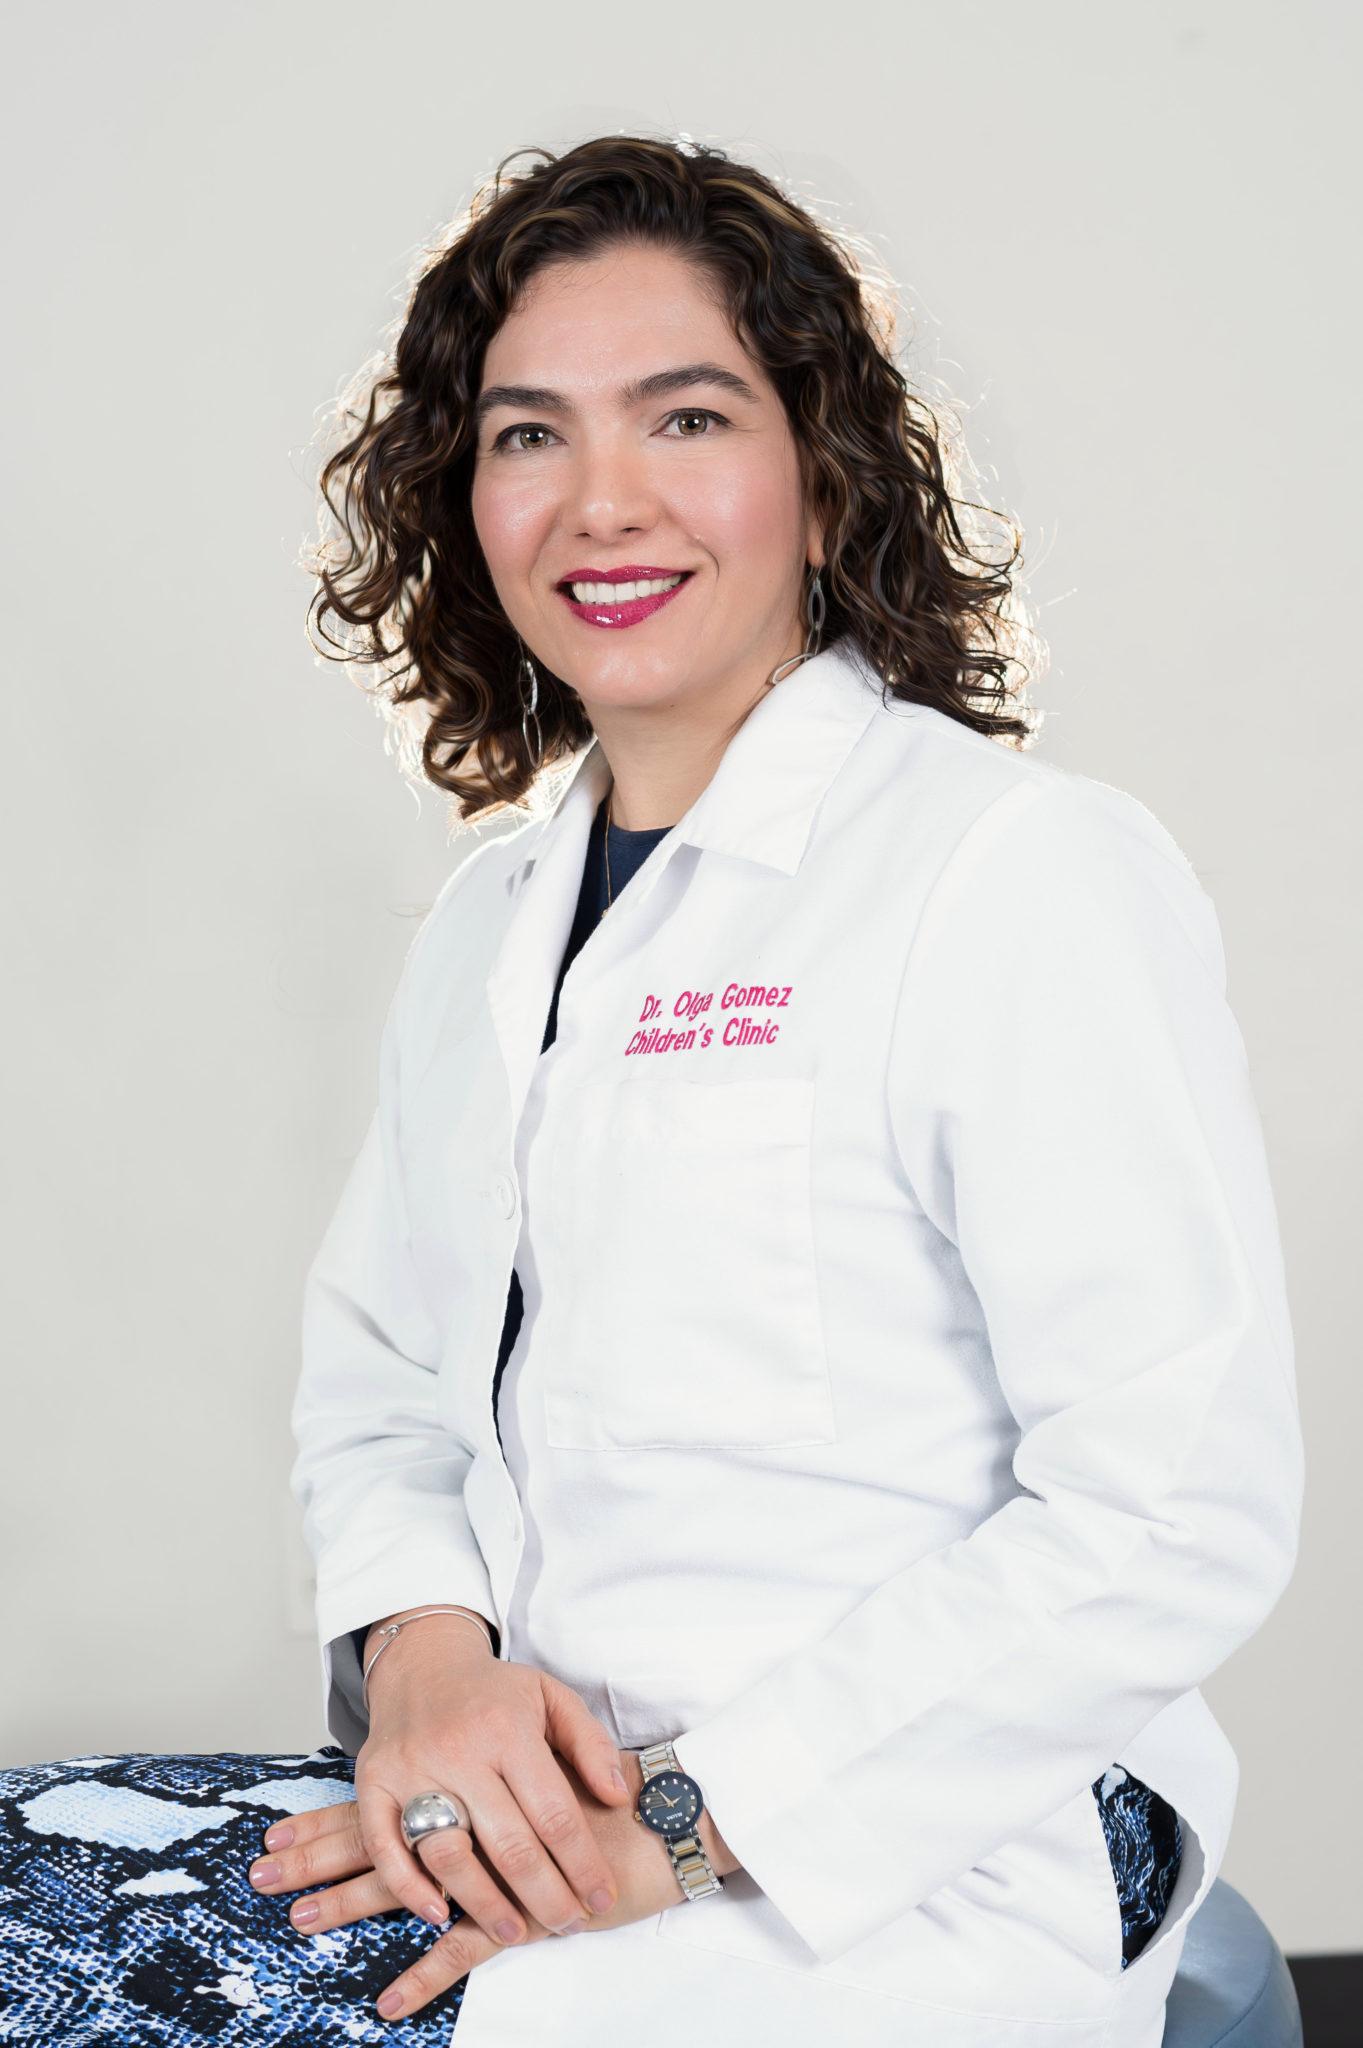 Dr. Olga Gomez